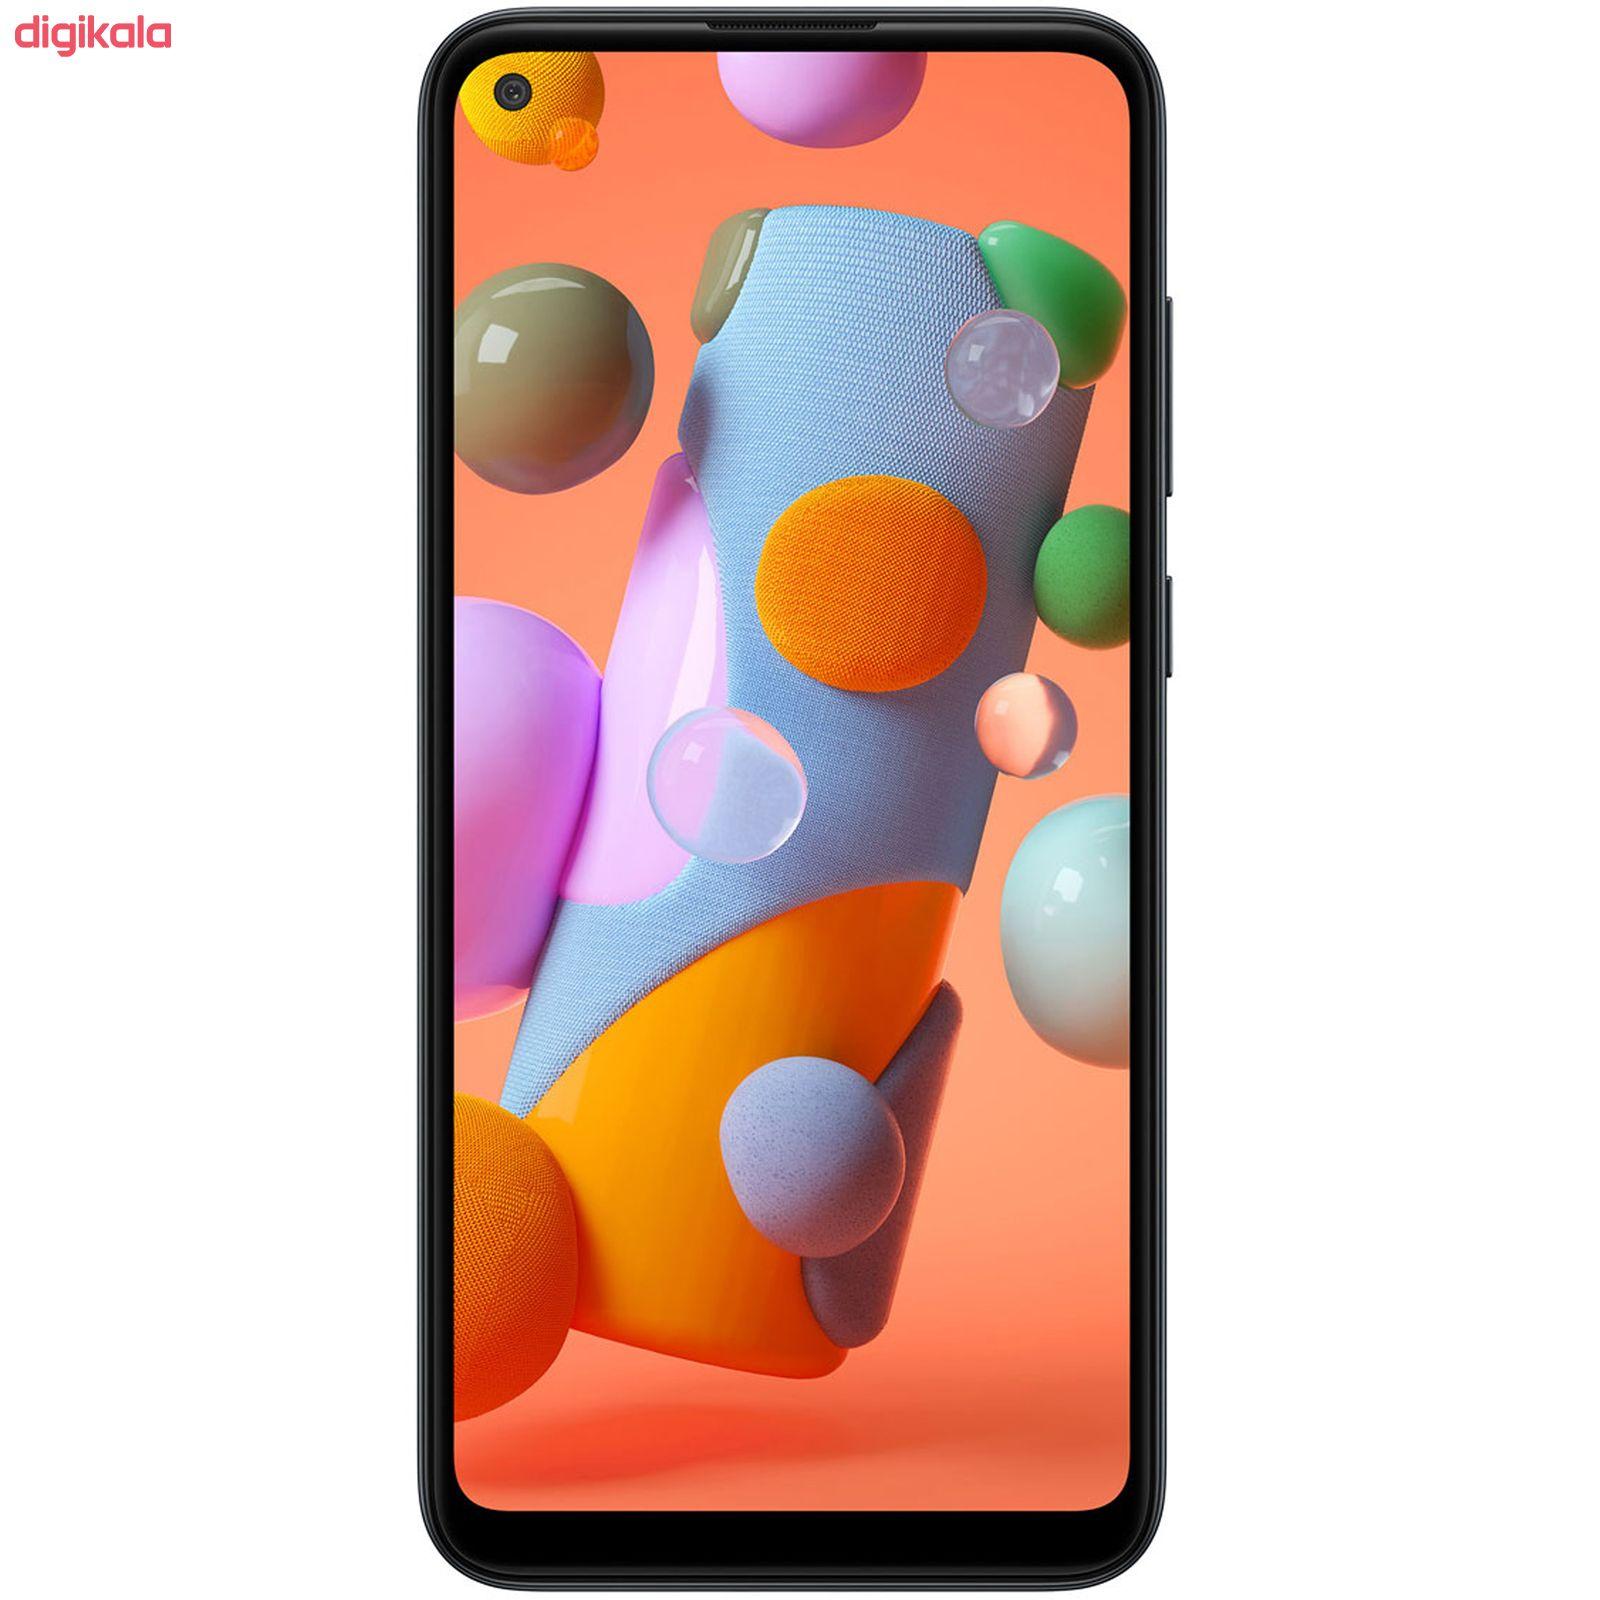 گوشی موبایل سامسونگ مدل Galaxy A11 SM-A115F/DS دو سیم کارت ظرفیت 32 گیگابایت با 3 گیگابایت رم main 1 1